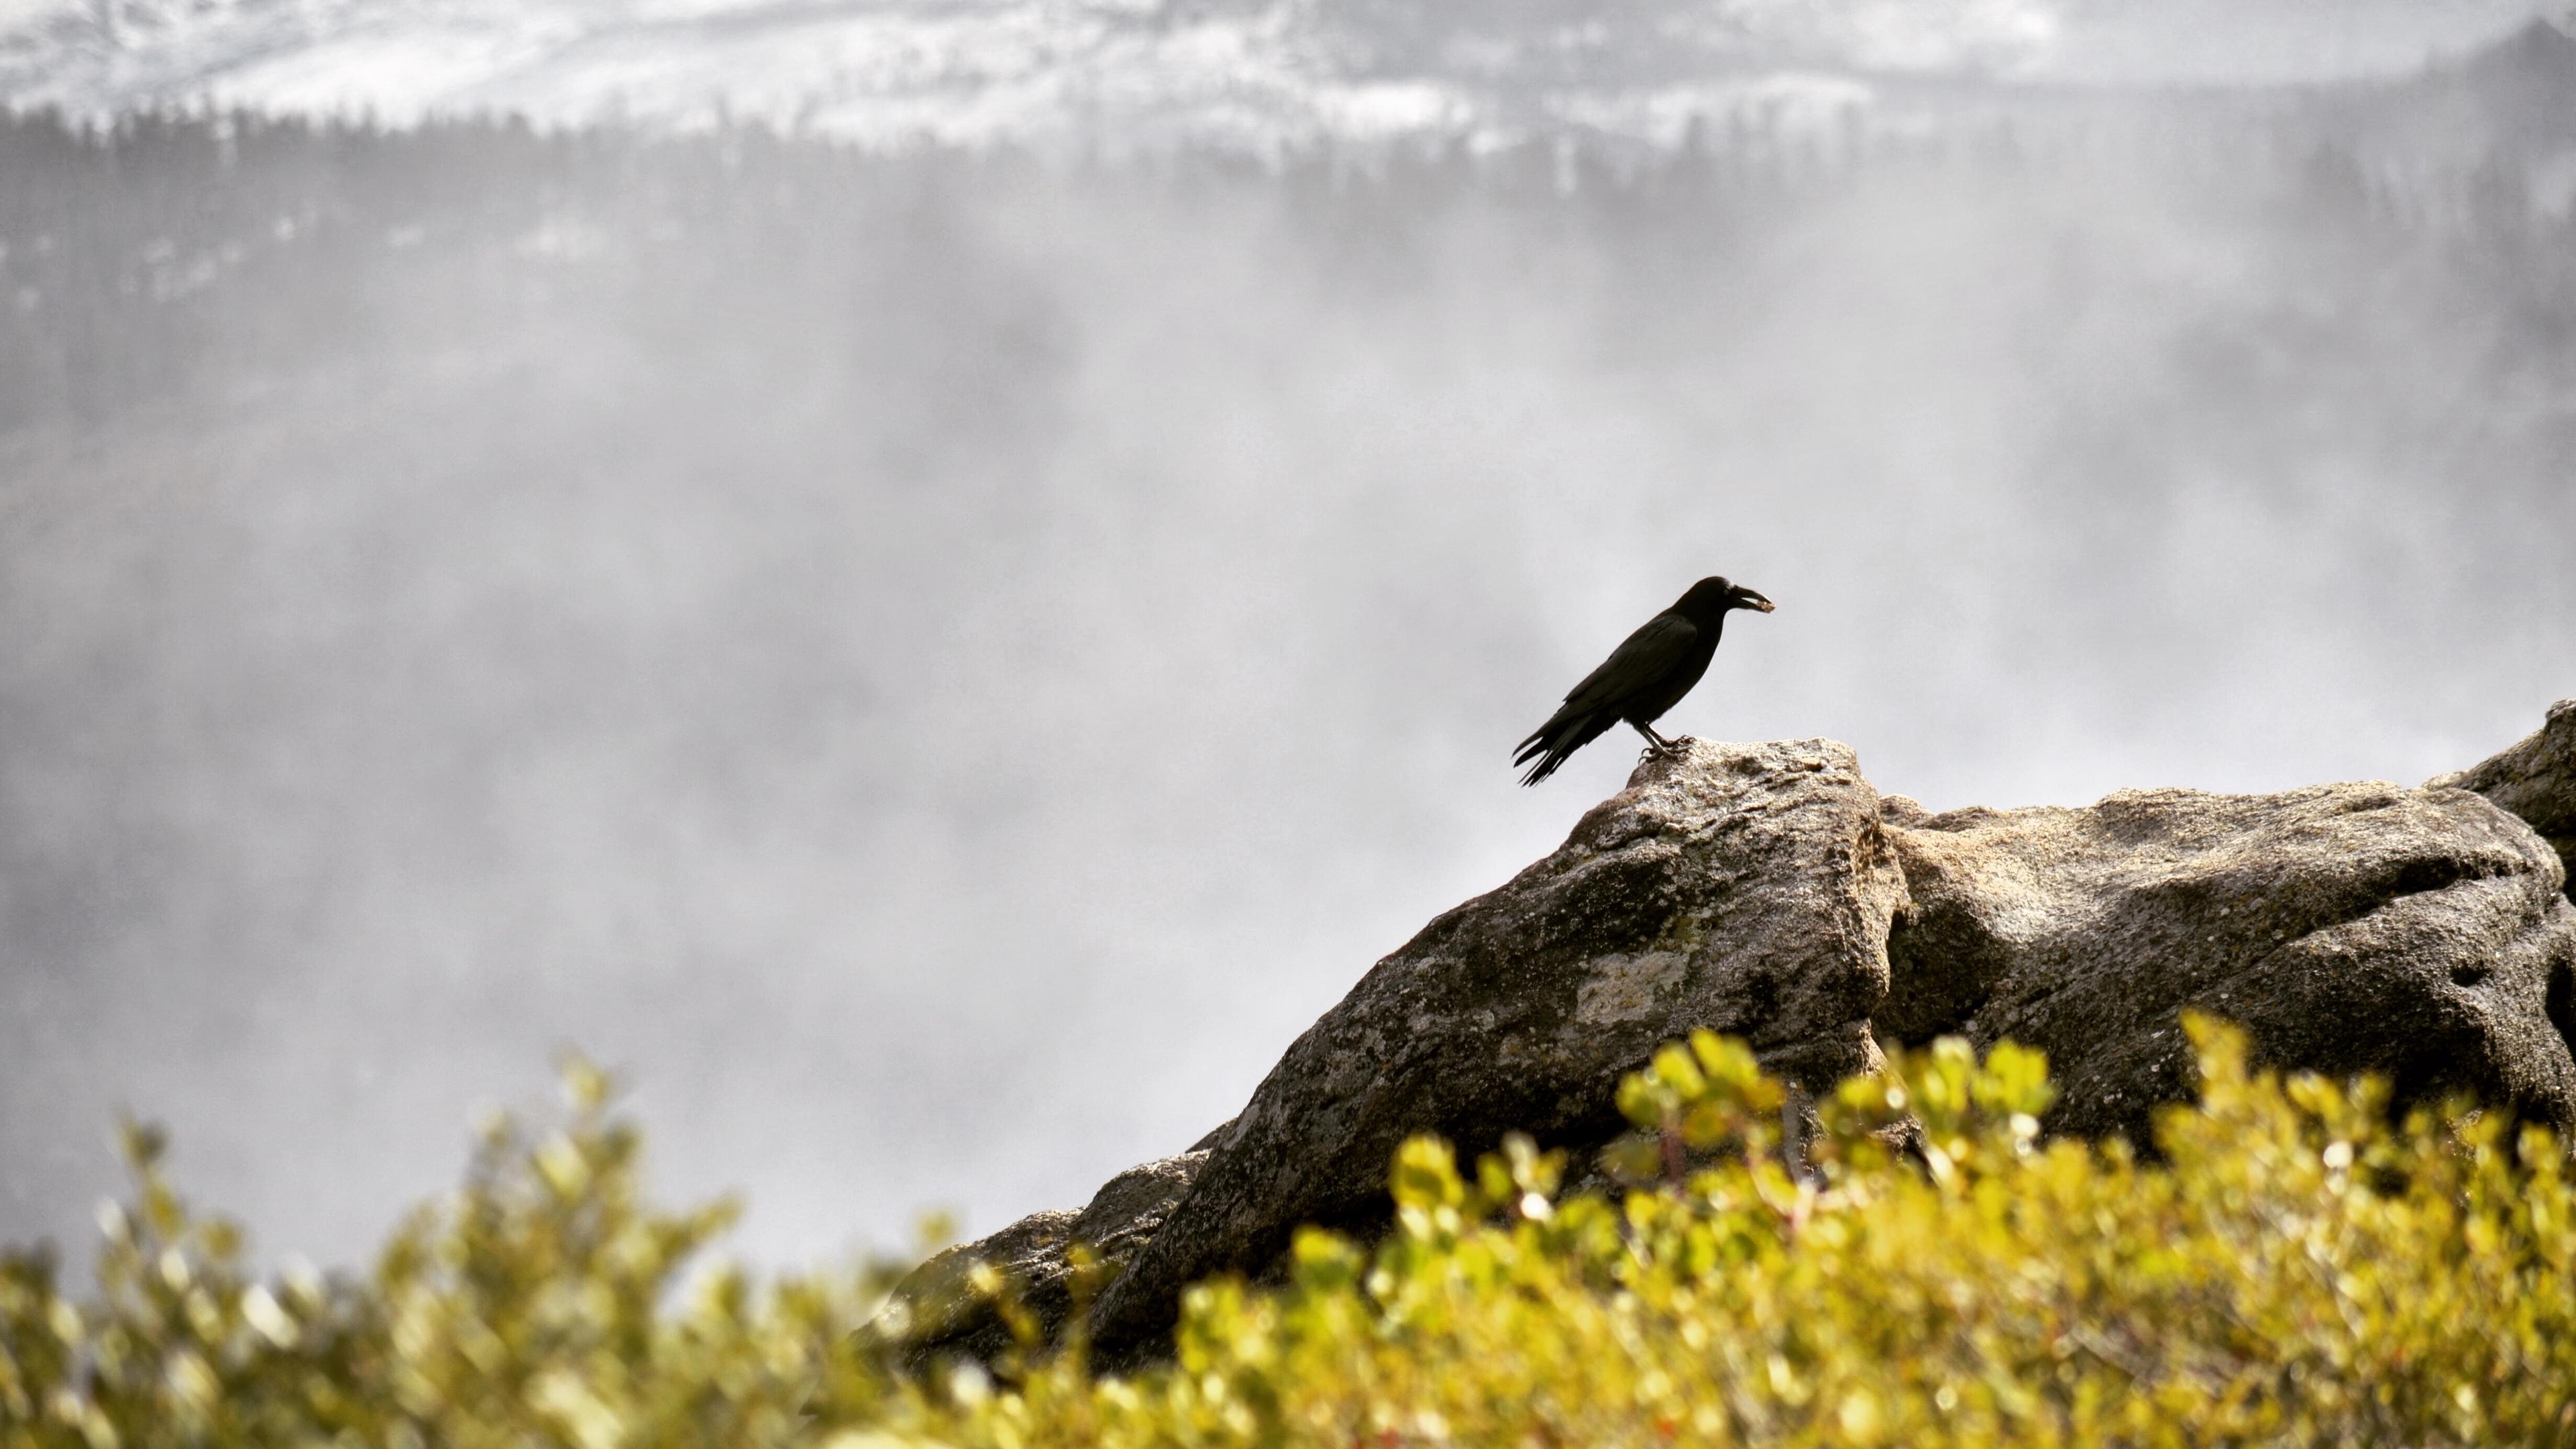 raven bird grass mountains 4k 1542241371 - raven, bird, grass, mountains 4k - Raven, Grass, Bird